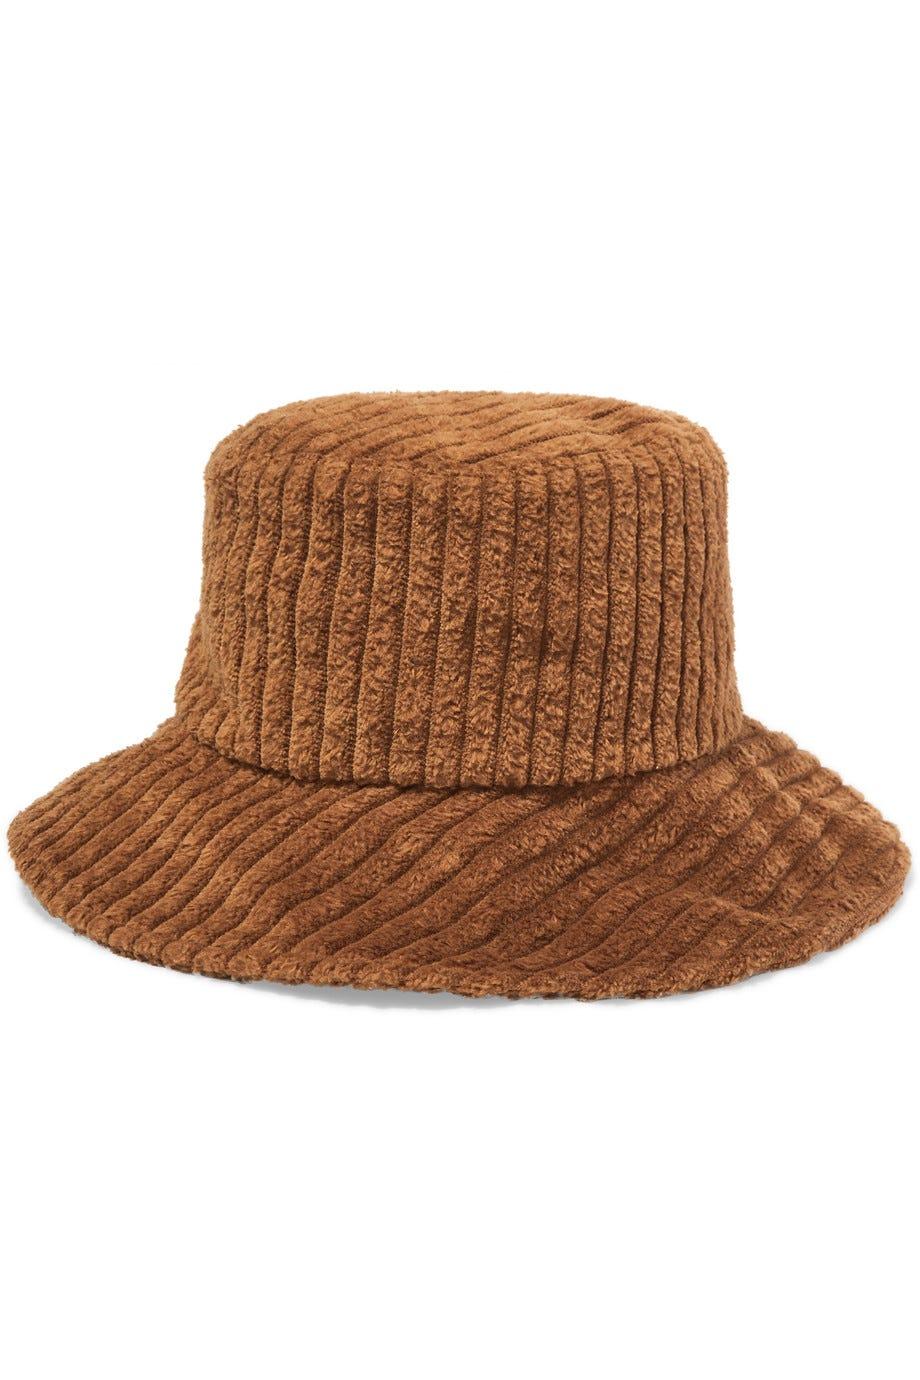 27e630fd6d5 Best Bucket Hat Trends Street Style Fall Winter 2019